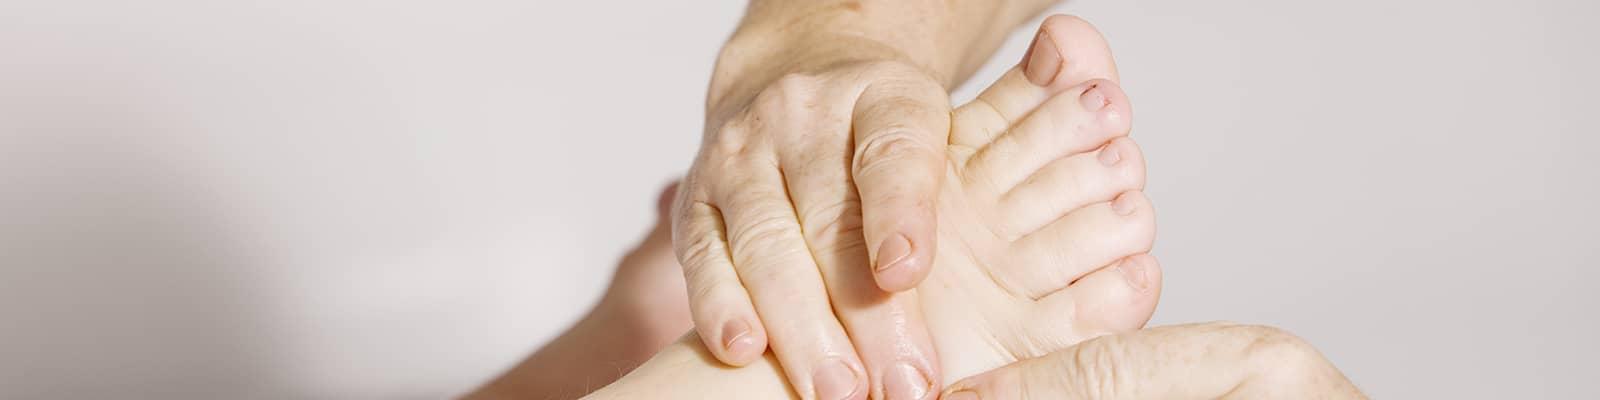 Lesiones del pie y tobillo y sus cuidados